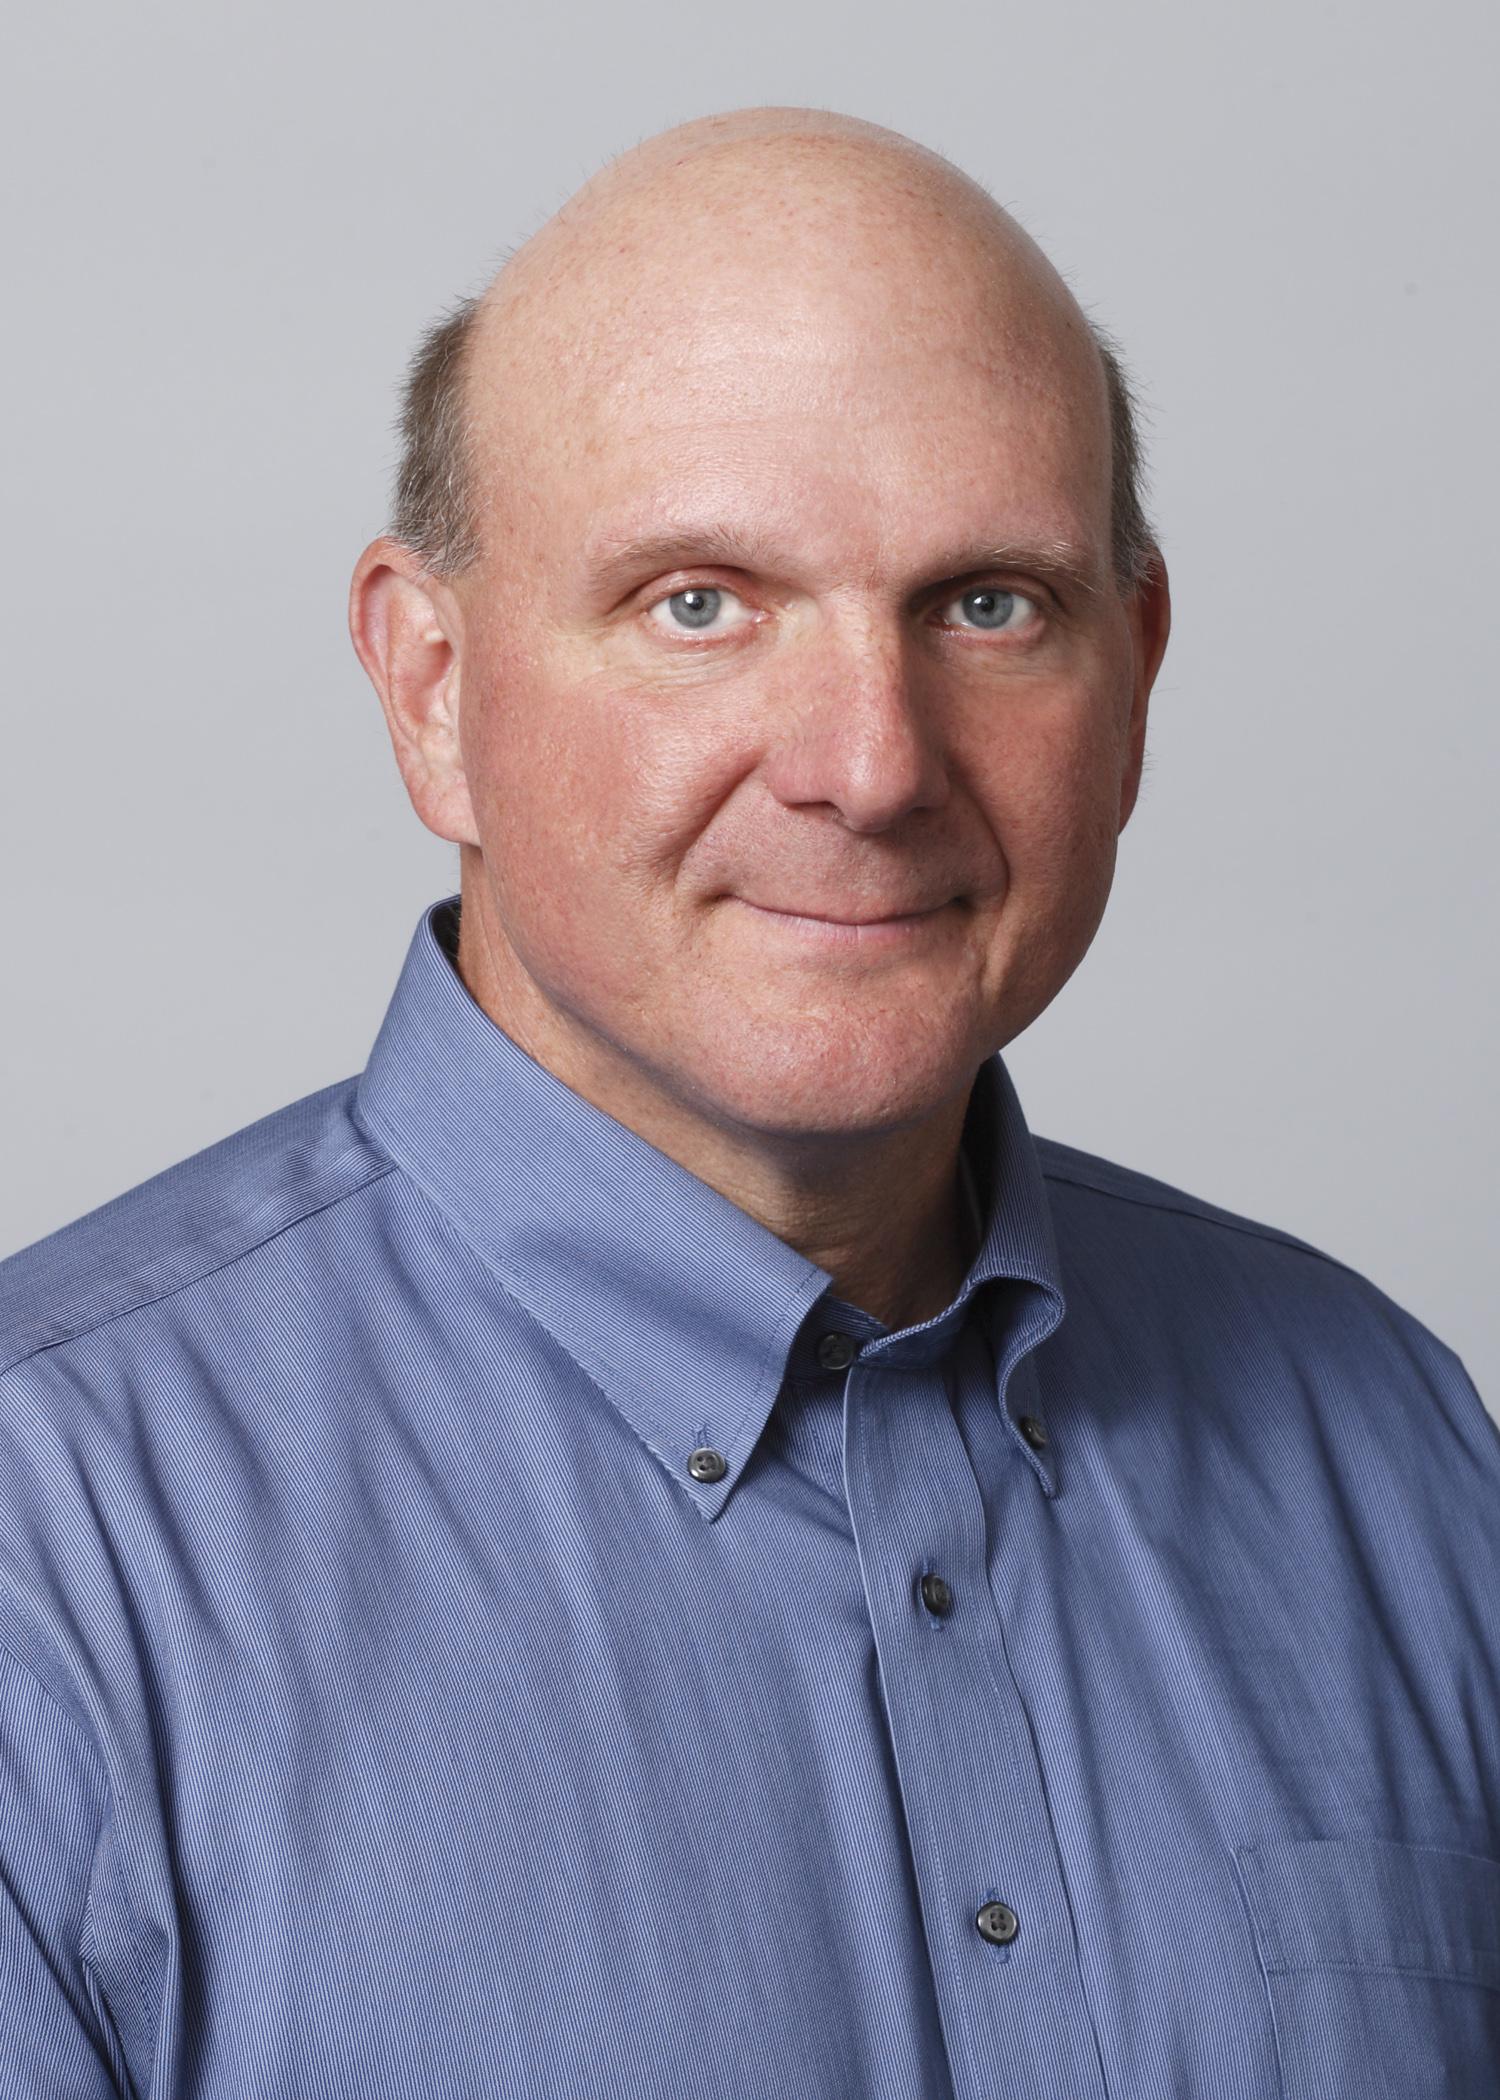 Steve-Ballmer